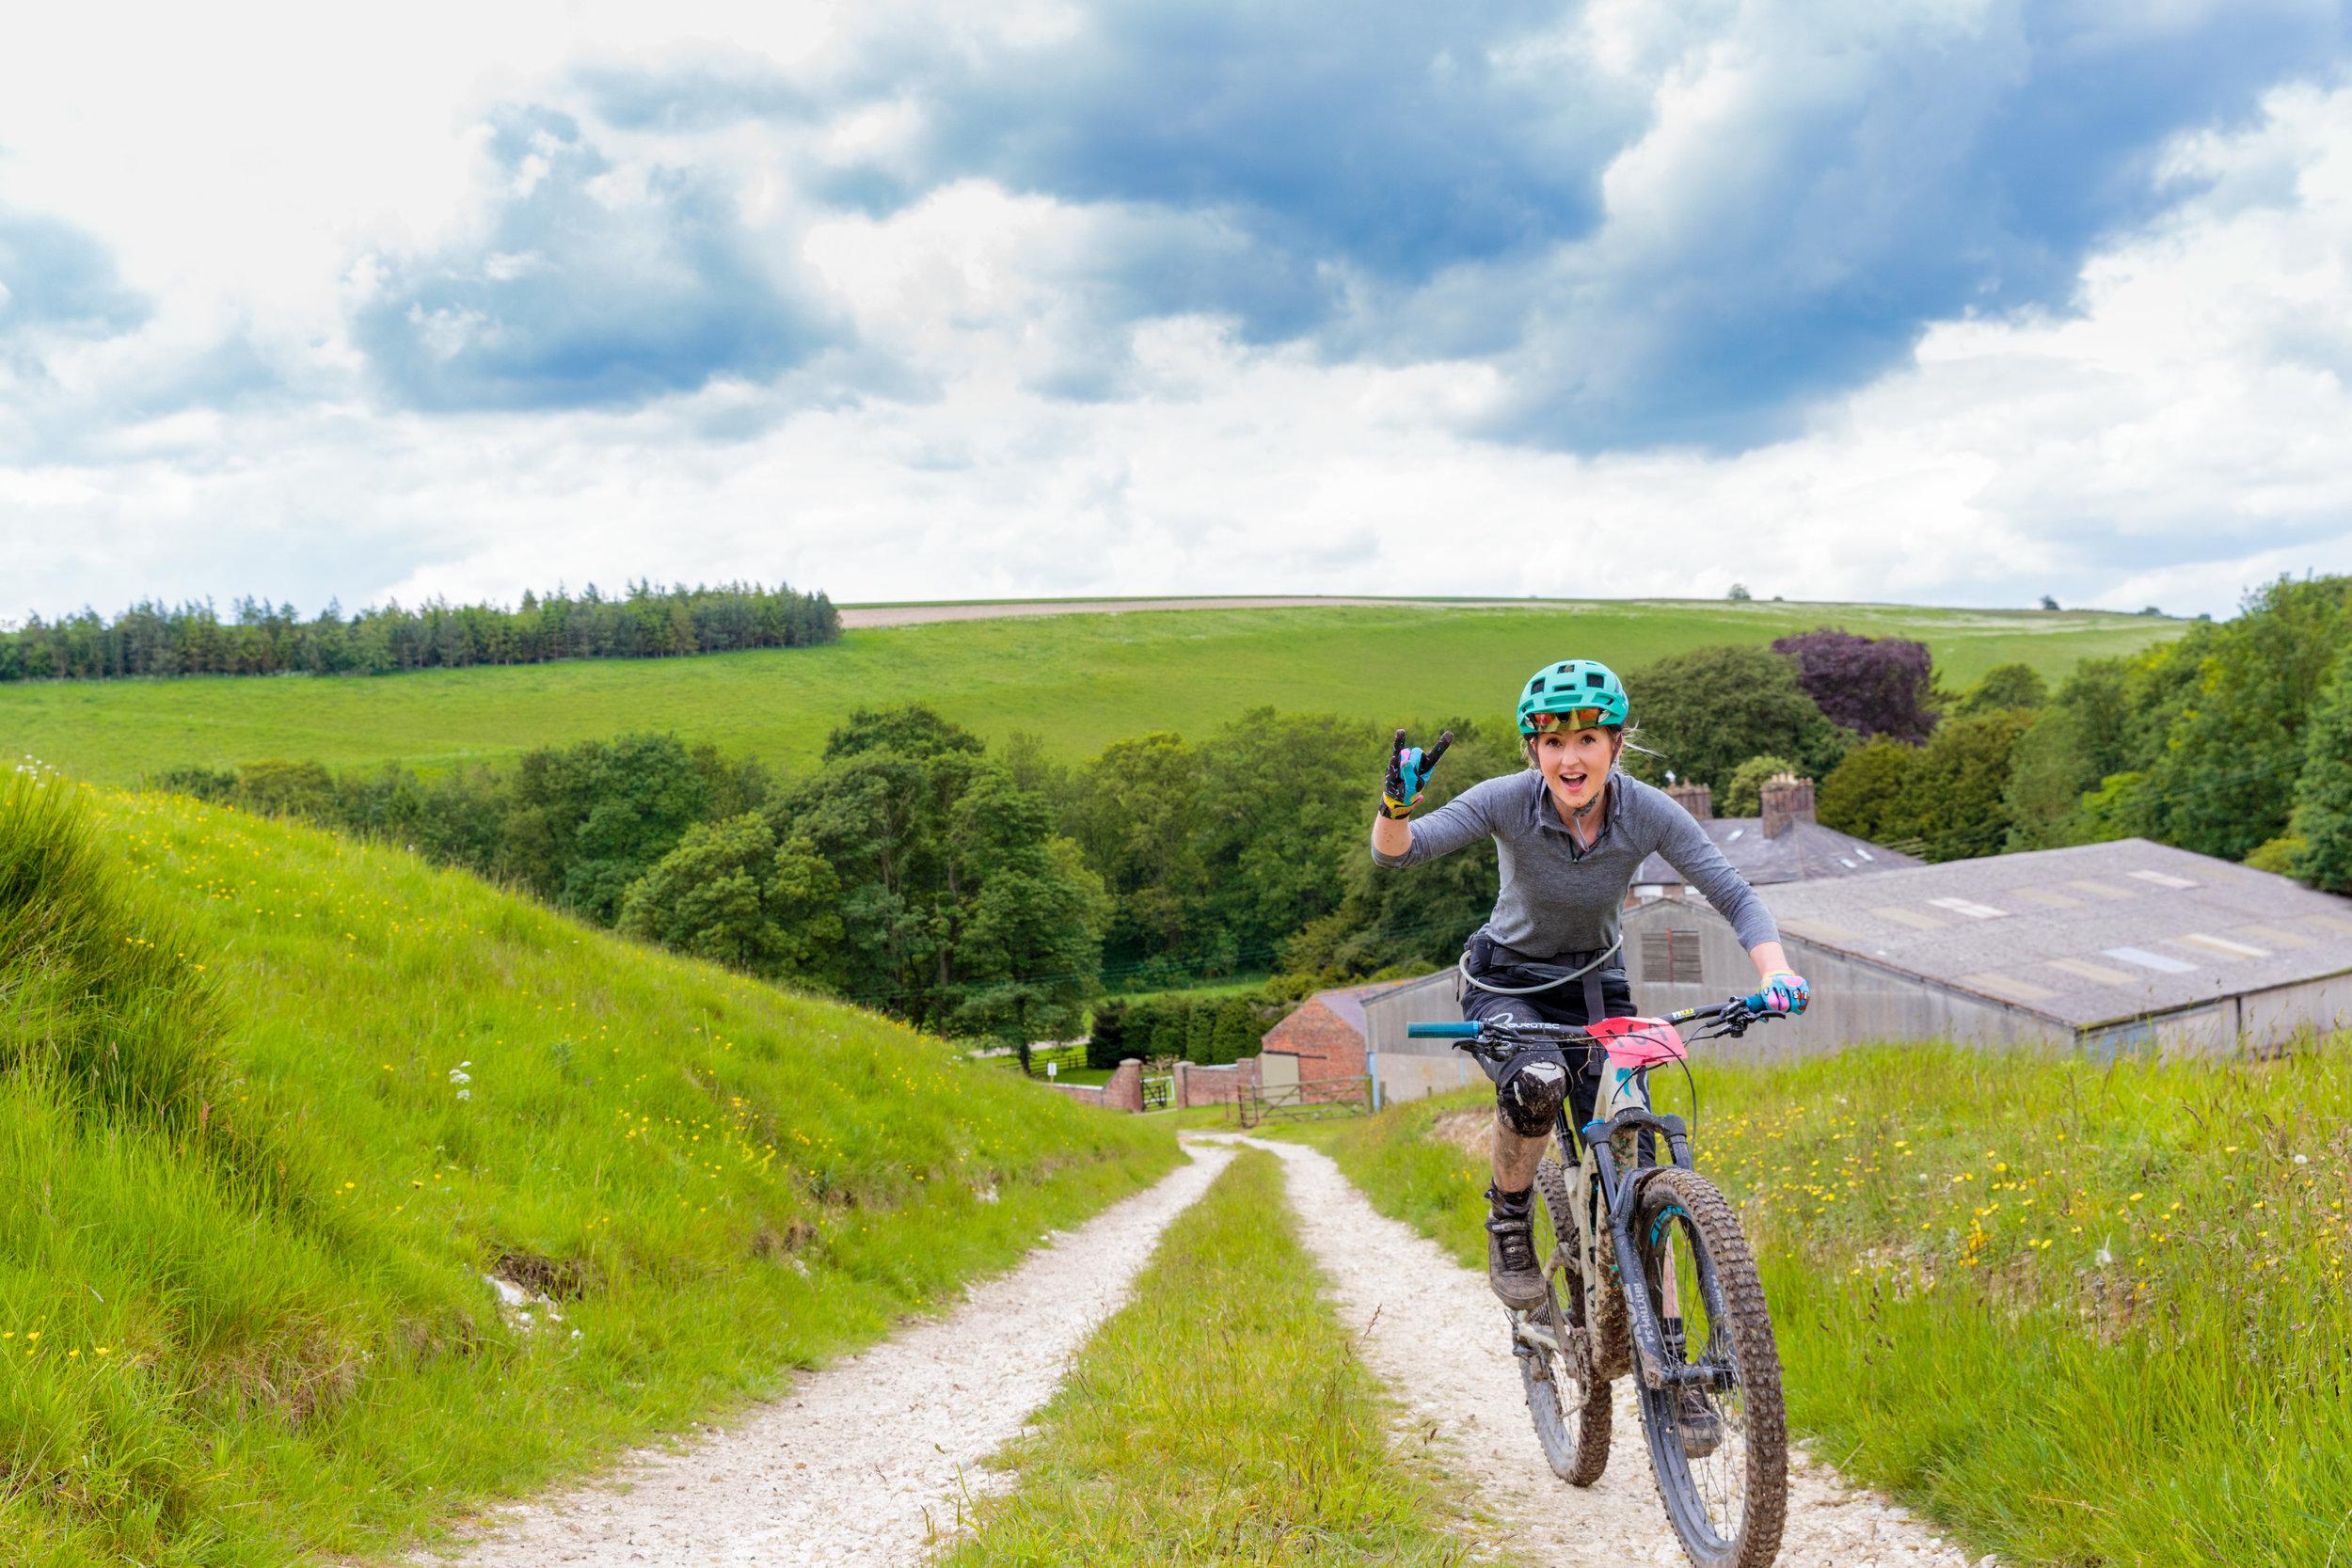 Rock on Mountain Biker